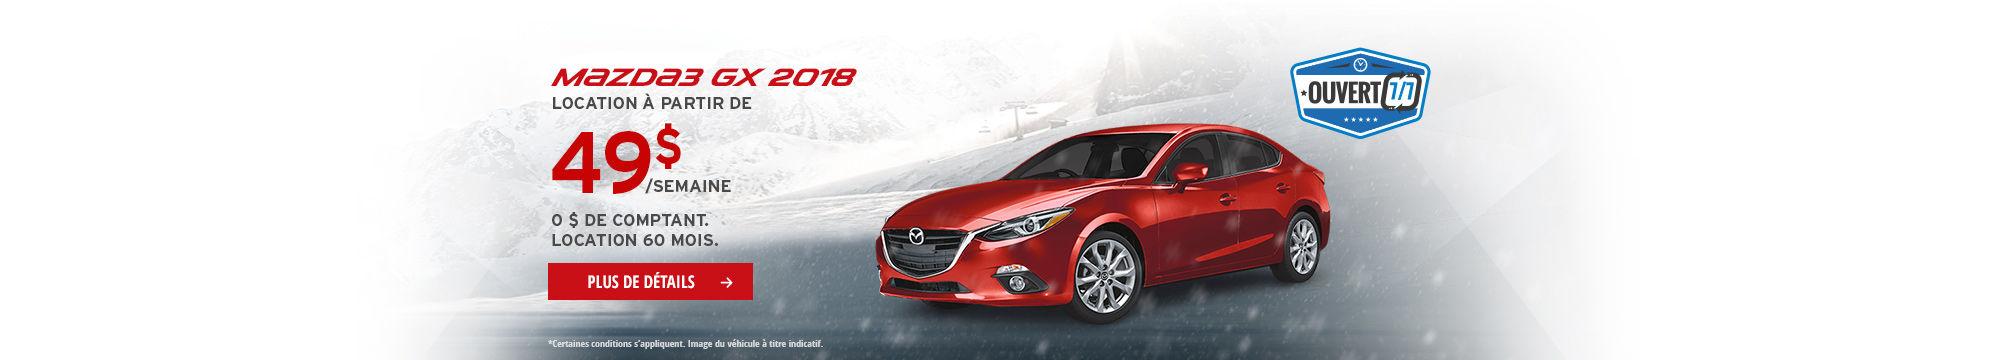 L'Événement Passez à Mazda - Mazda3